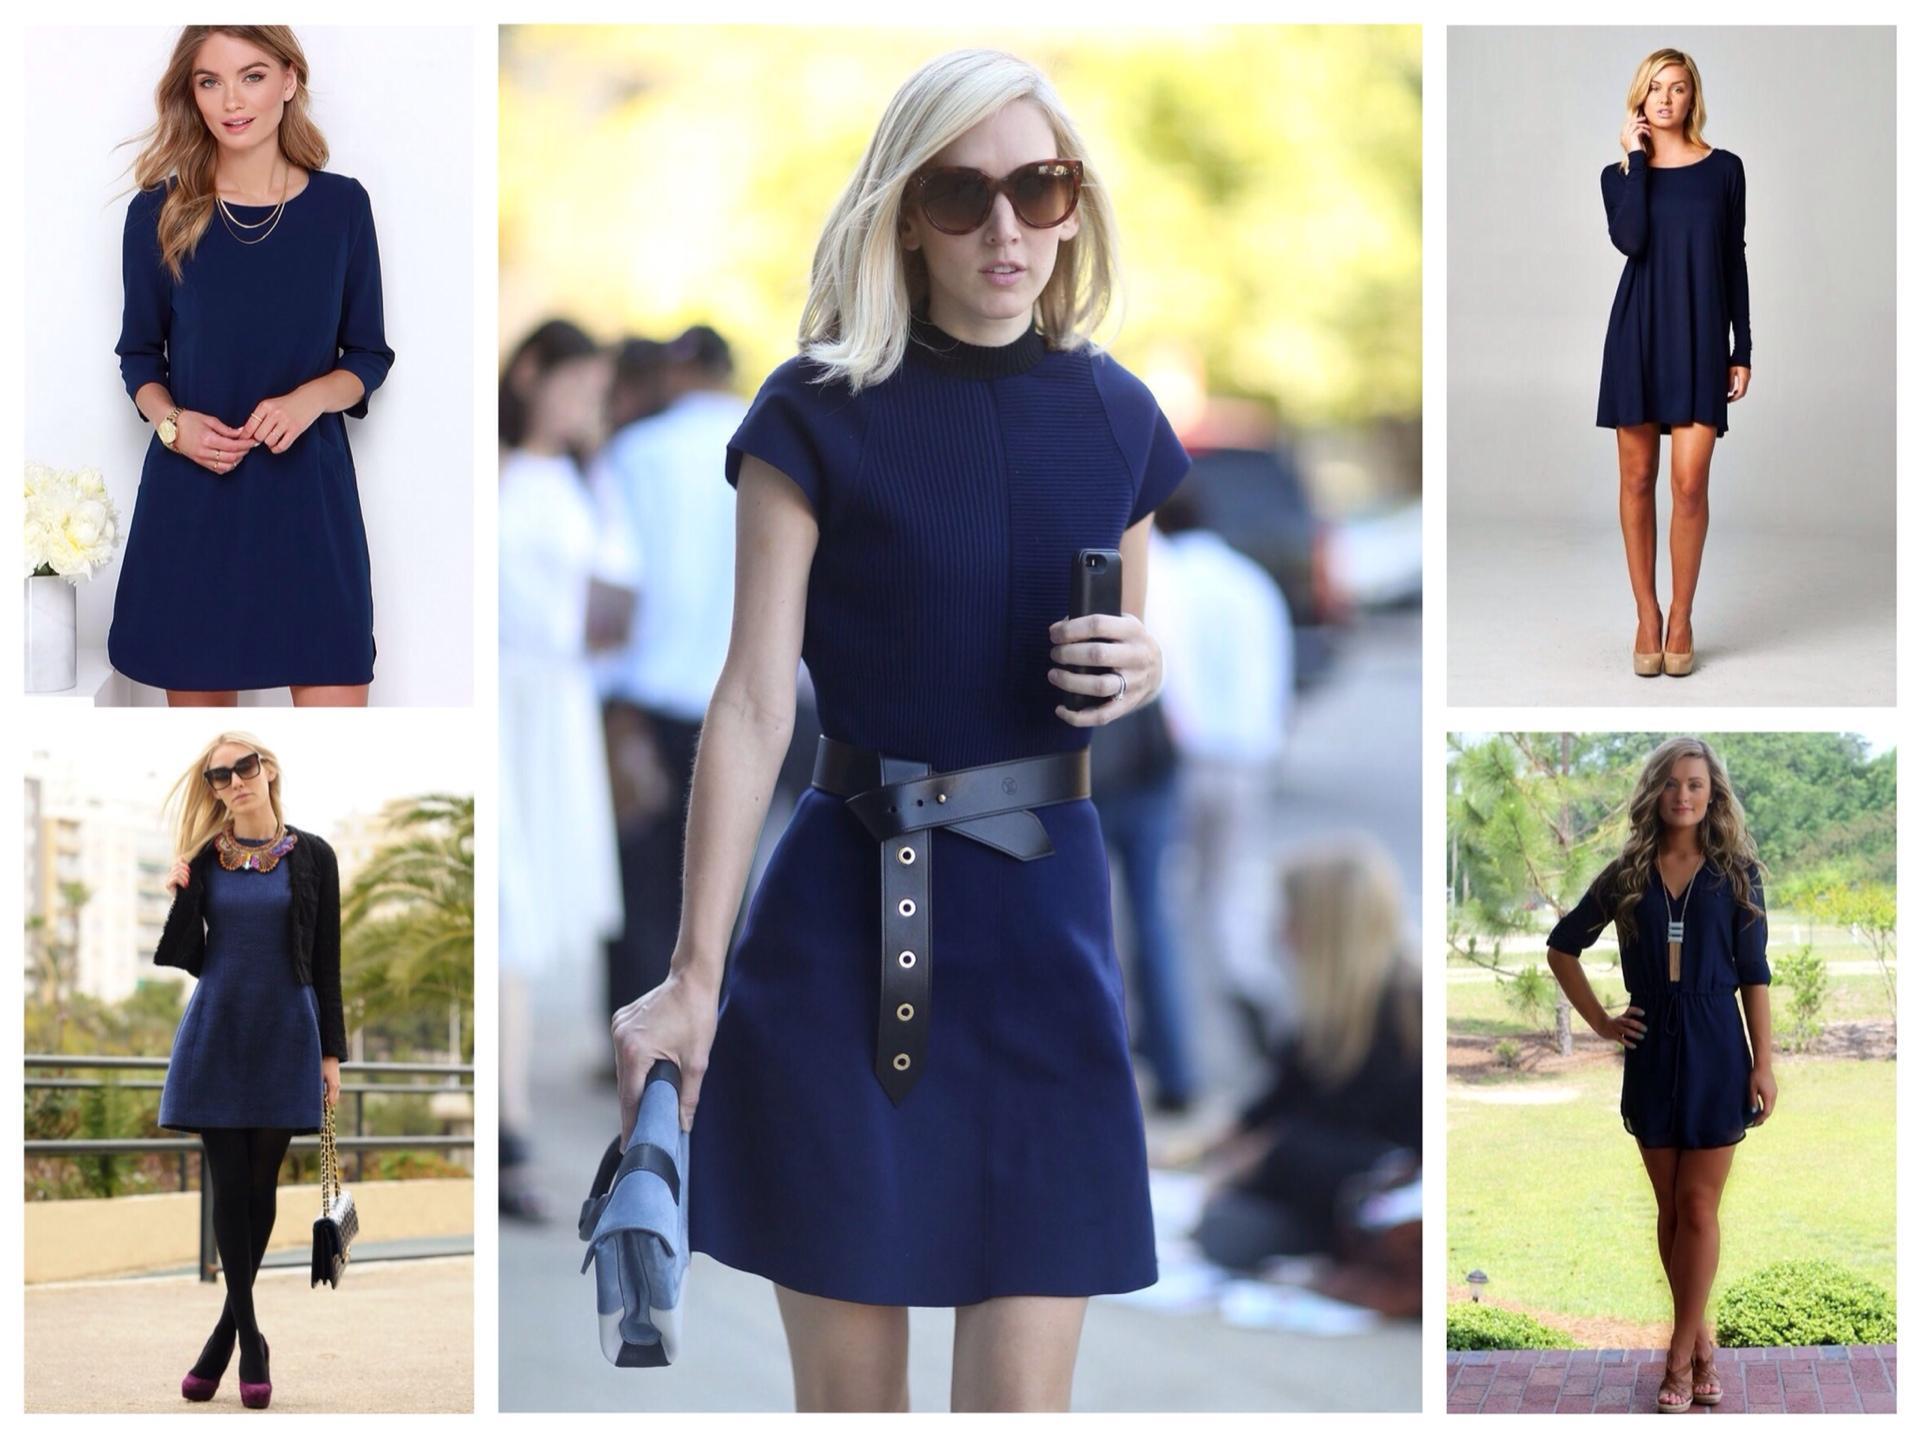 этом что носить с синим платьем фото нравились добрый юмор